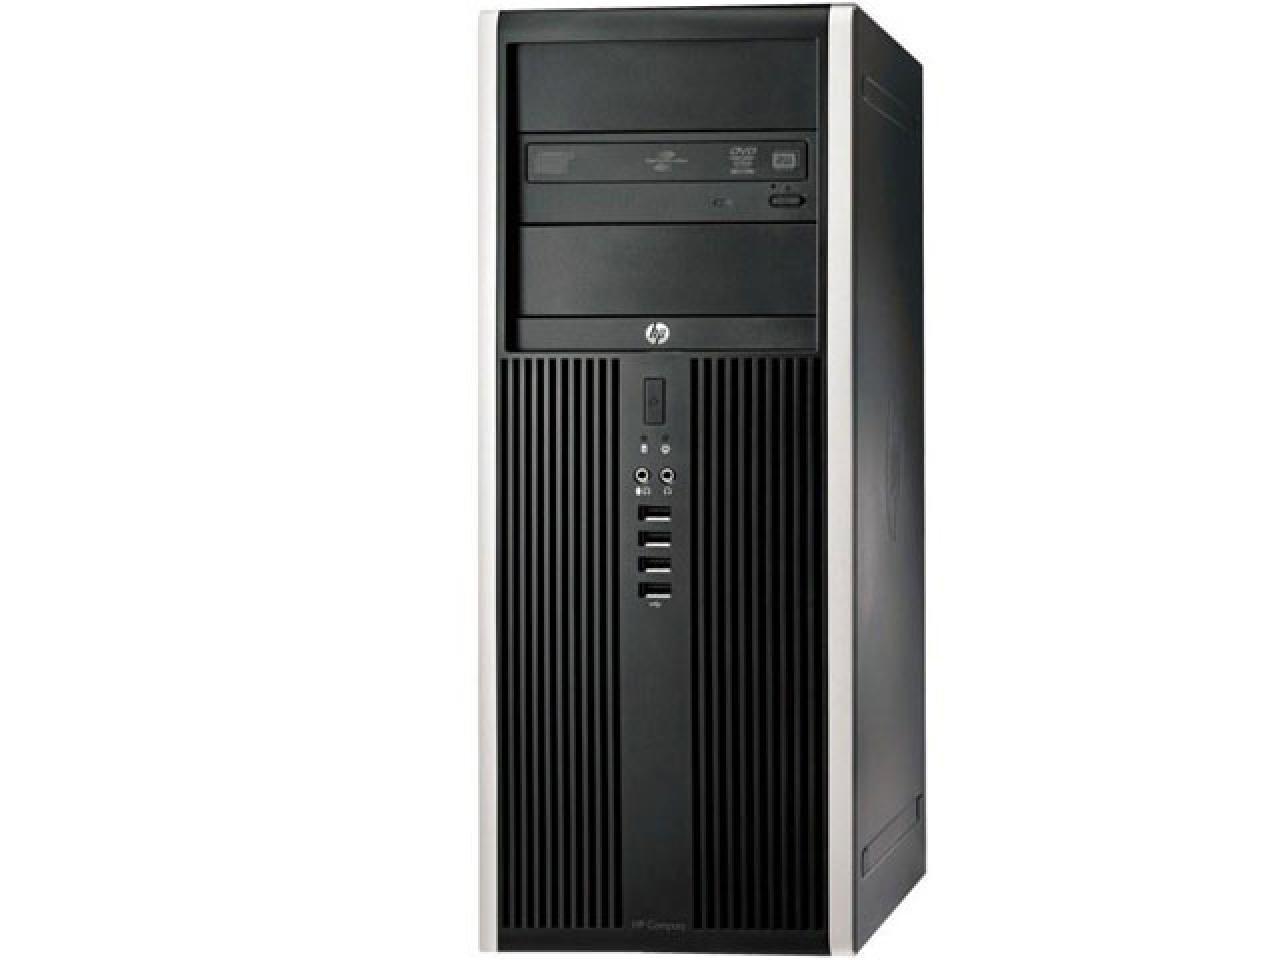 Hewlett Packard Elite 8200 T  - shop.bb-net.de